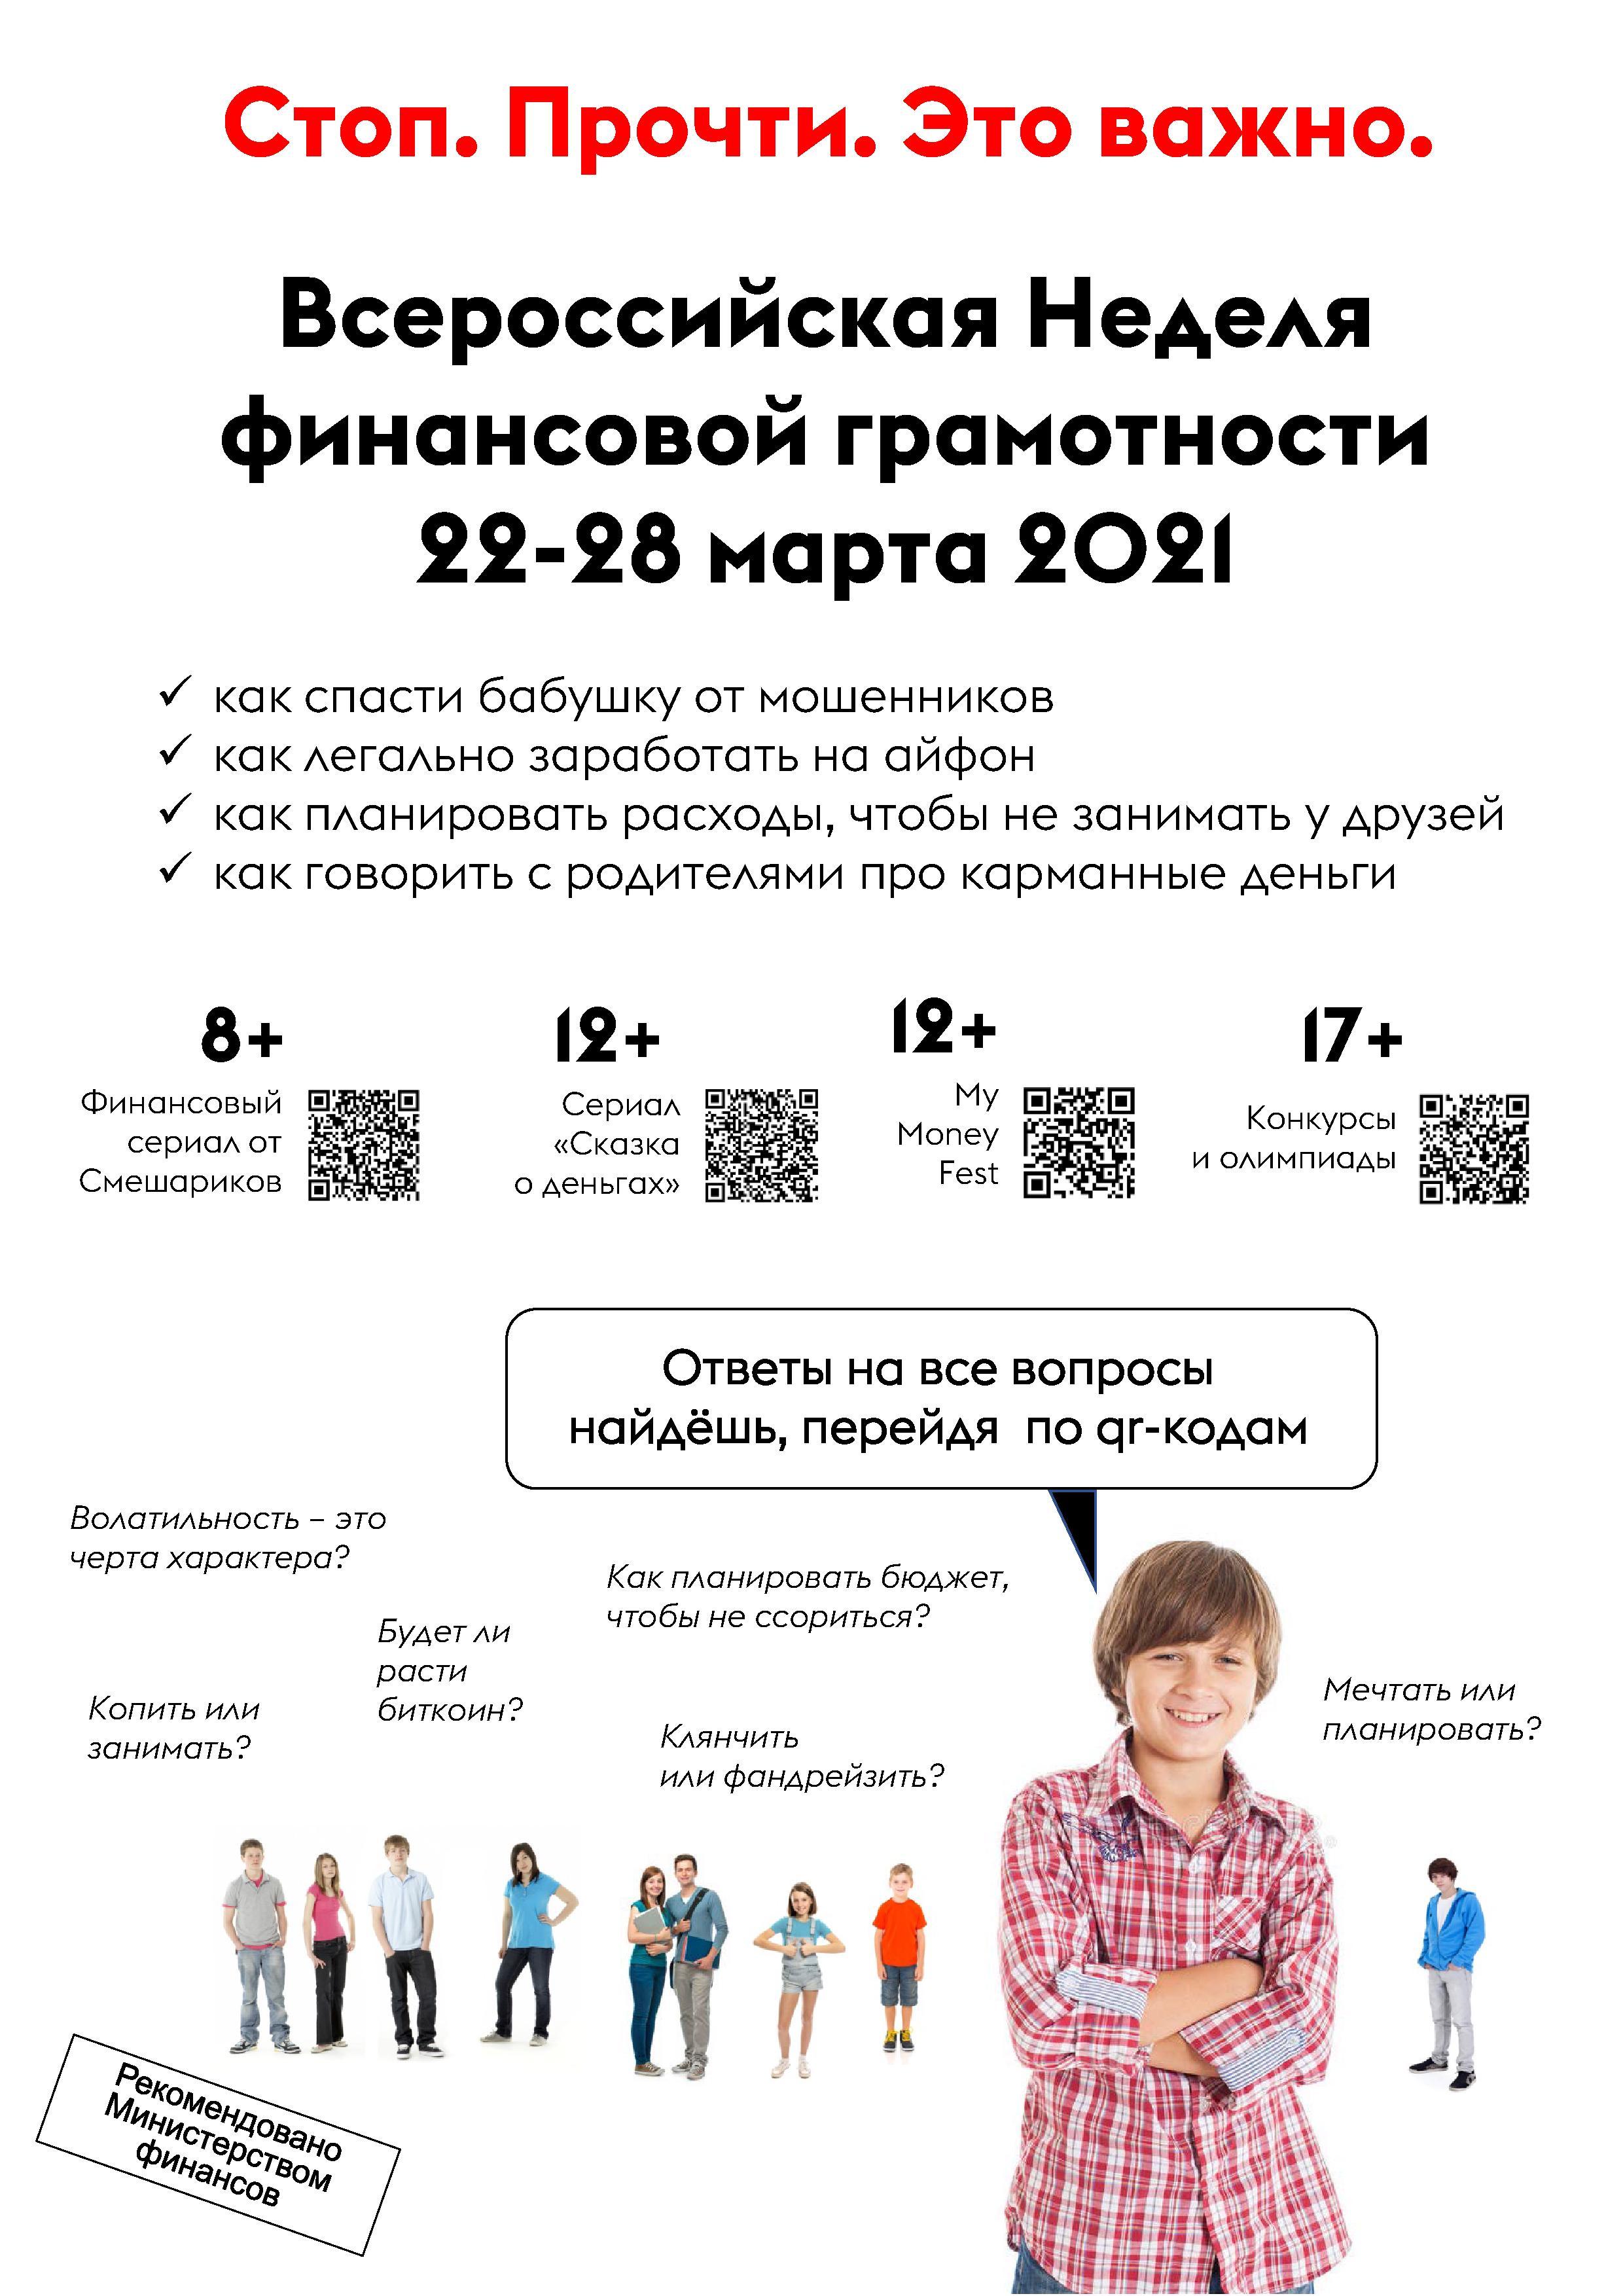 Всероссийская неделя